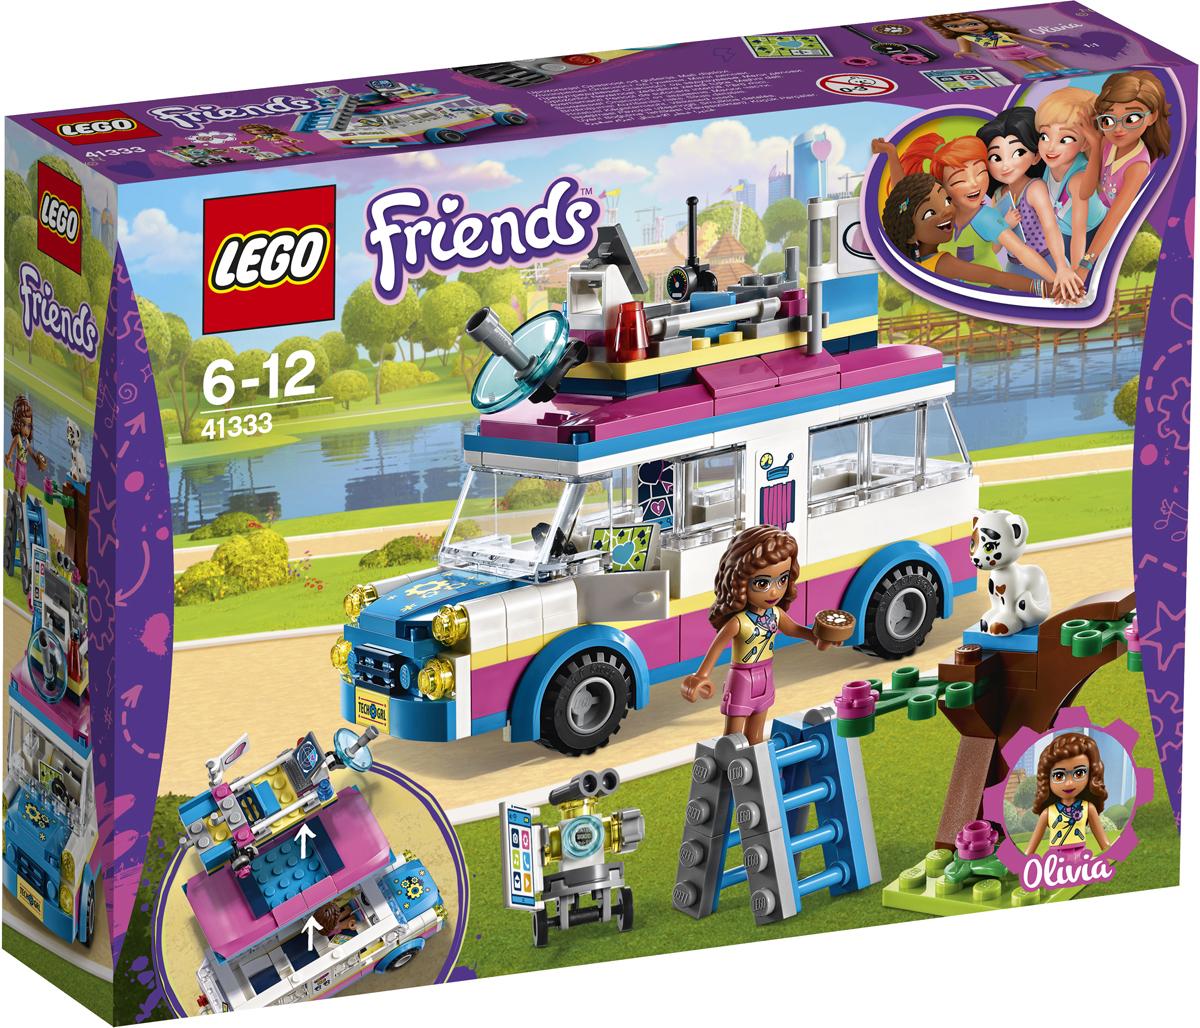 LEGO Friends Конструктор Передвижная научная лаборатория Оливии 41333 lego friends конструктор парк развлечений игровые автоматы 41127